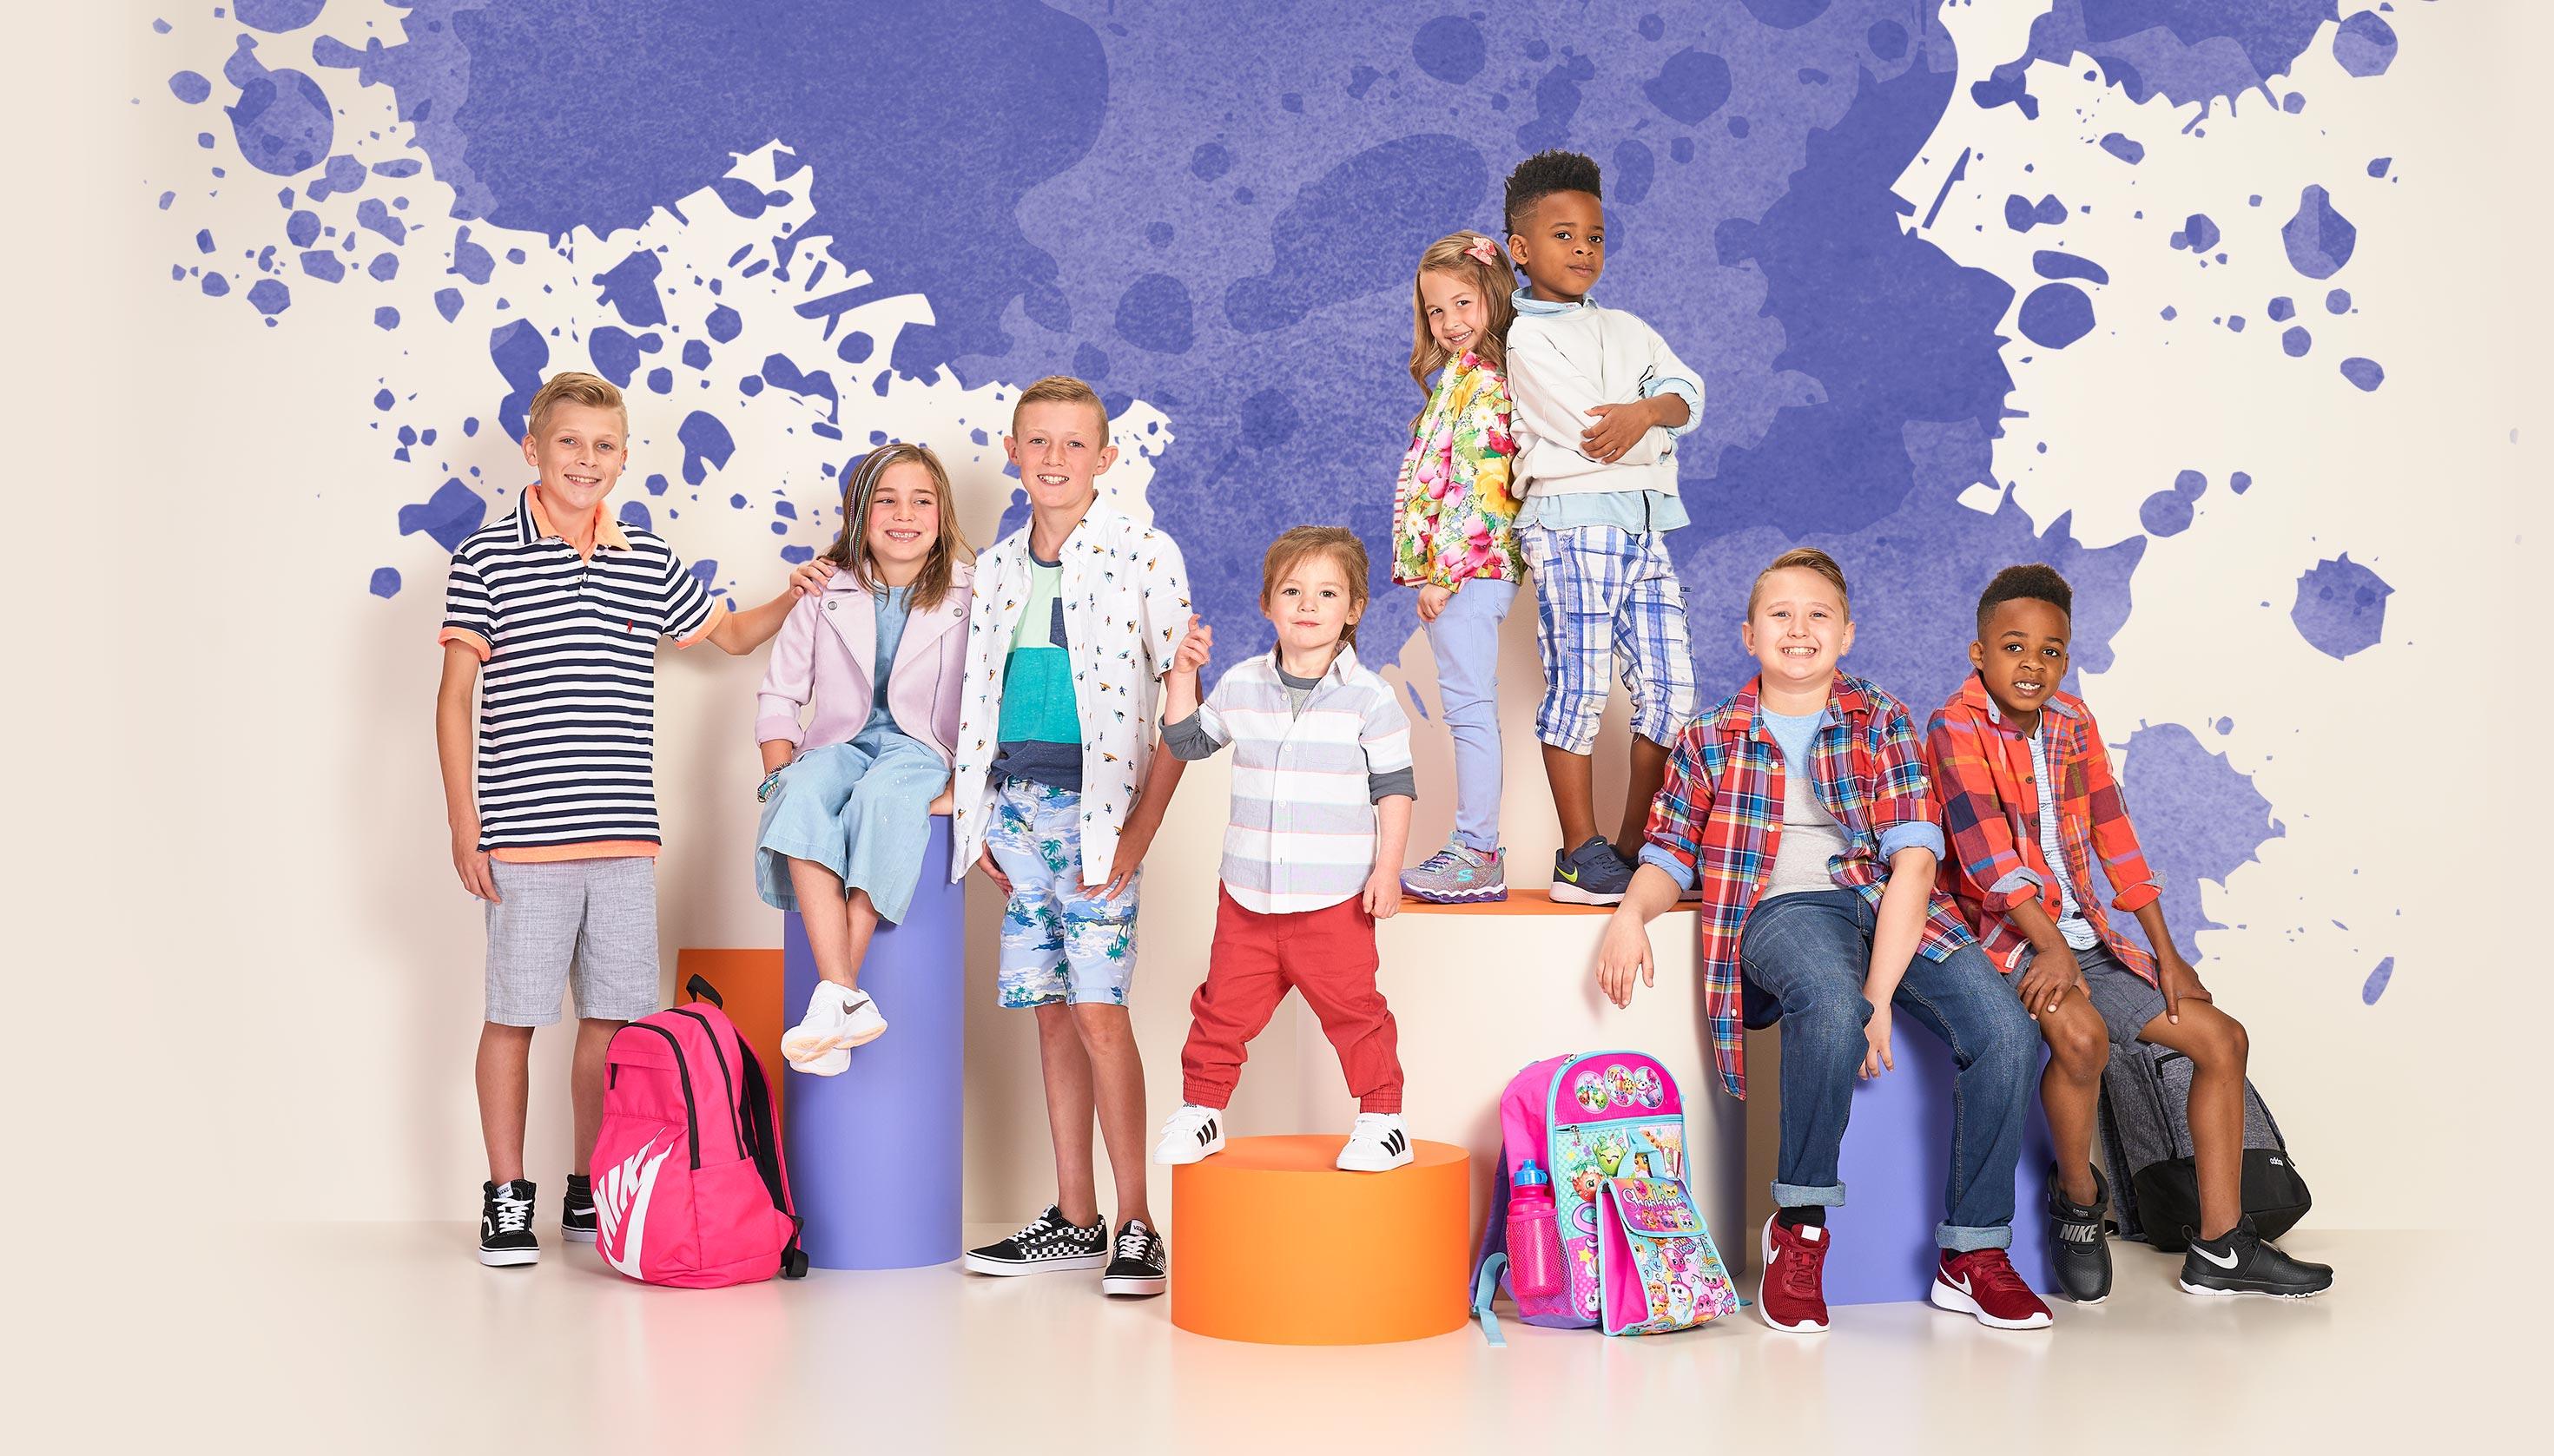 Kids Club group photo featuring Tayden, Berkley, Beckett, Weston, Laura, Bryson, Nicholas, Brayden